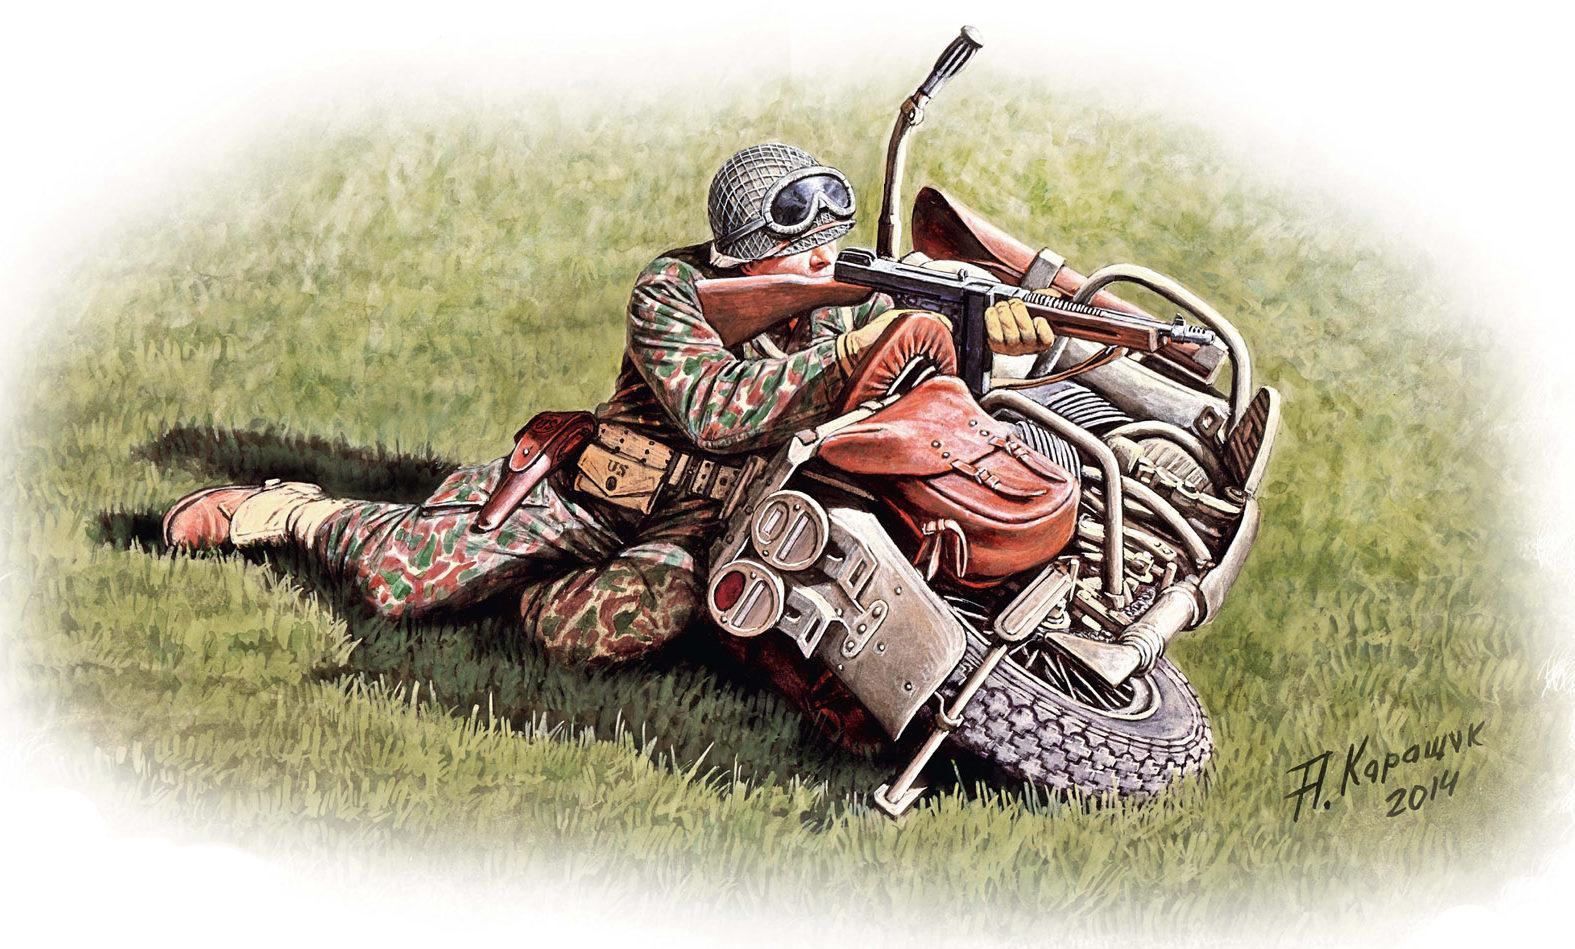 Каращук Андрей. Американские мотоциклисты.